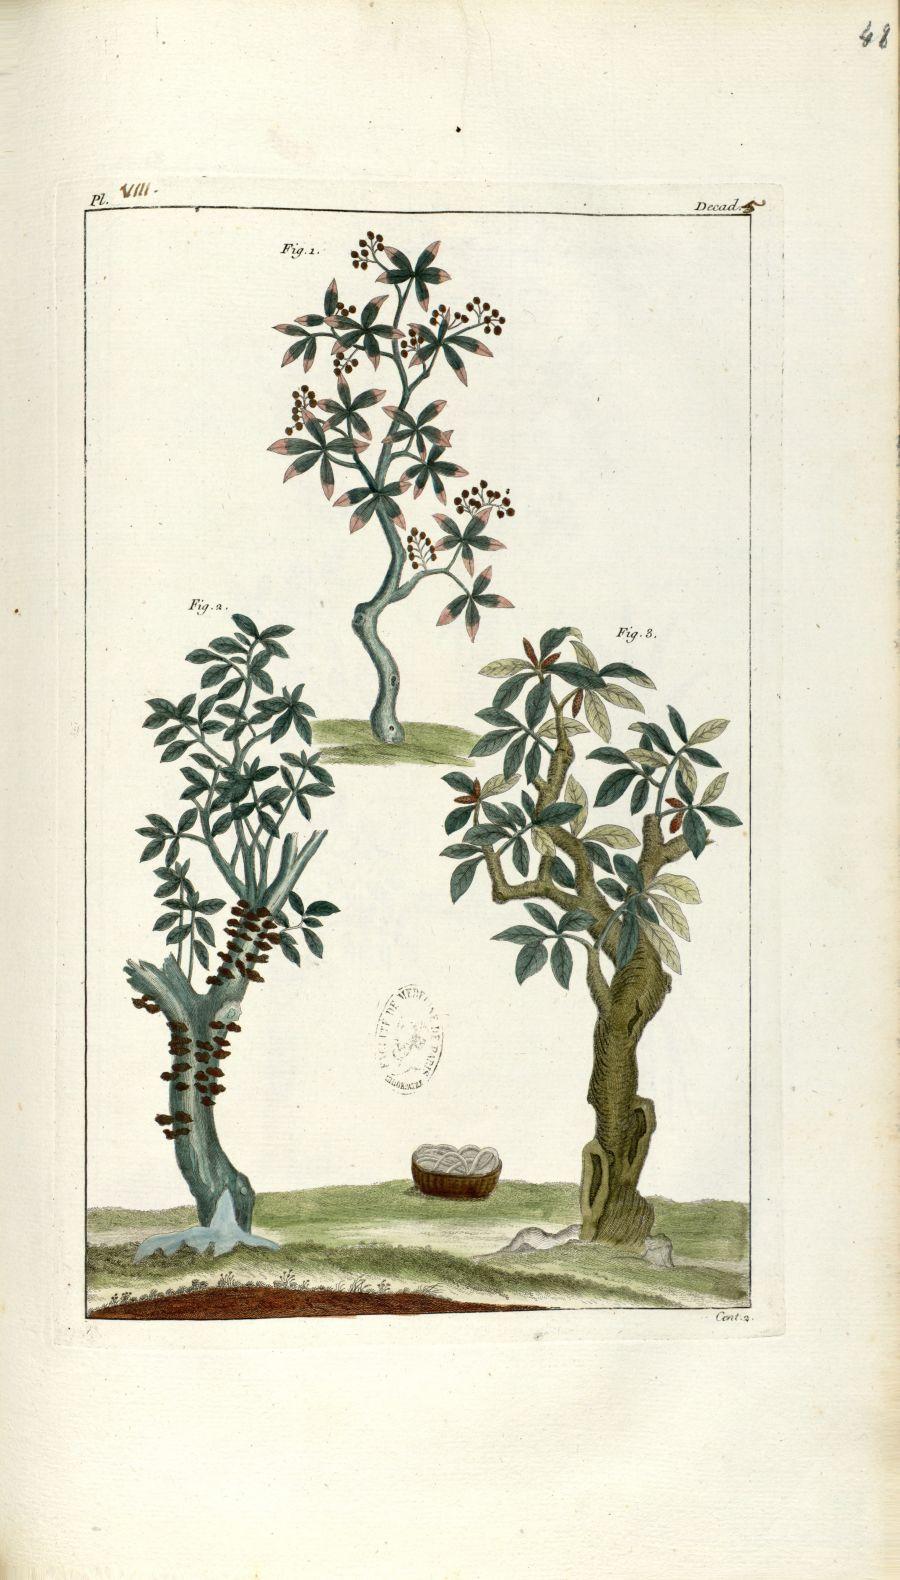 Planche VIII. Decad. 5. Cent. 2 - Herbier ou collection des plantes médicinales de la Chine d'après  [...] - Botanique. Plantes (médecine). Chine. 18e siècle - med01989x0051